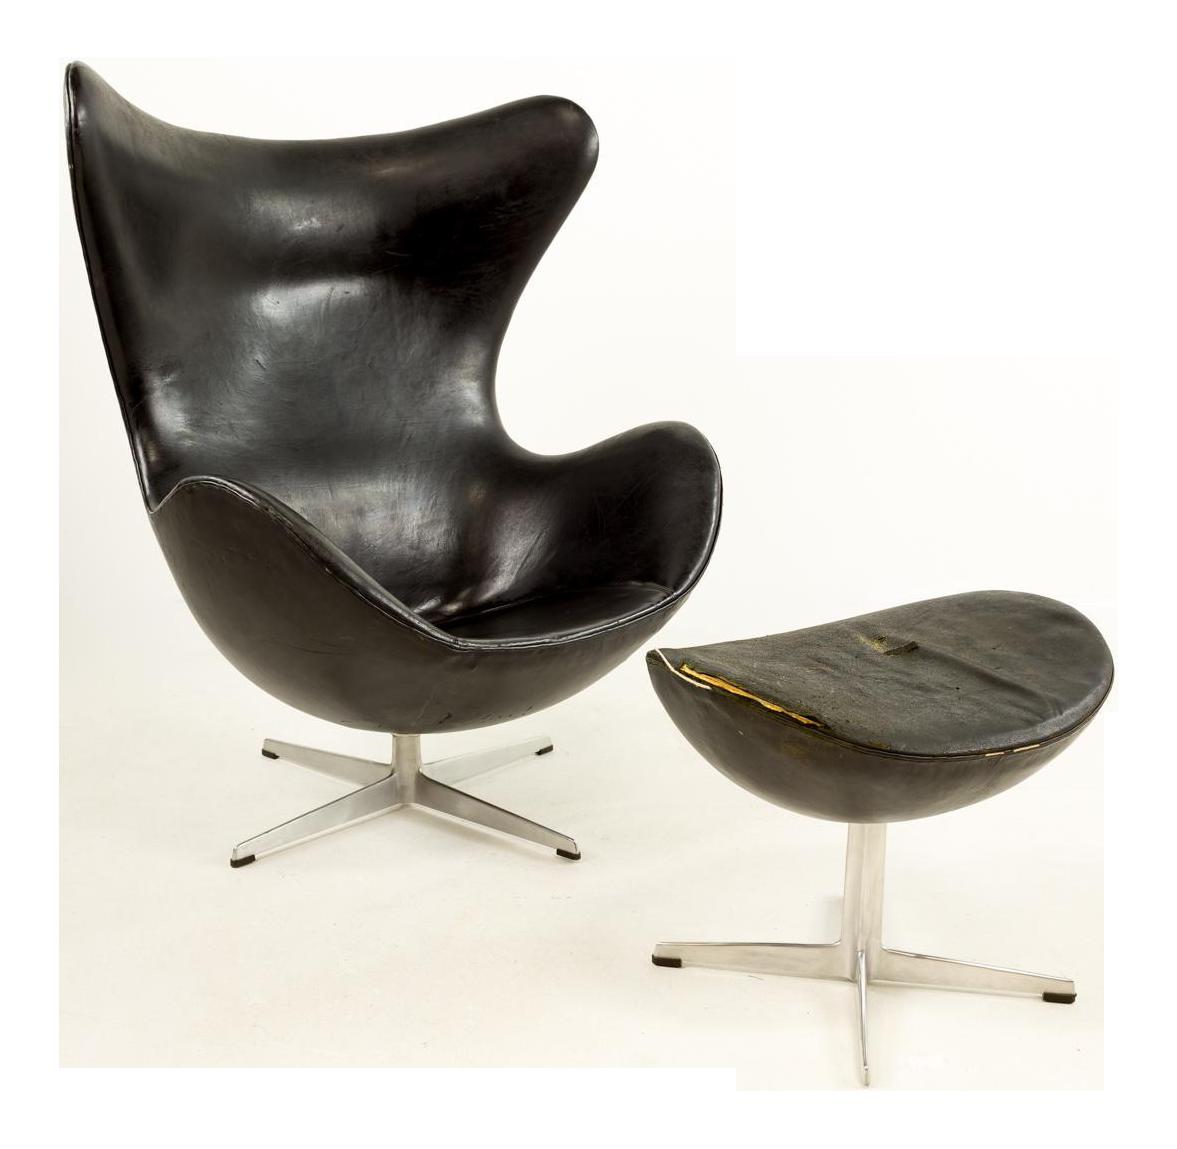 1960s Mid Century Modern Arne Jacobsen For Fritz Hansen Leather Egg Chair U0026  Ottoman